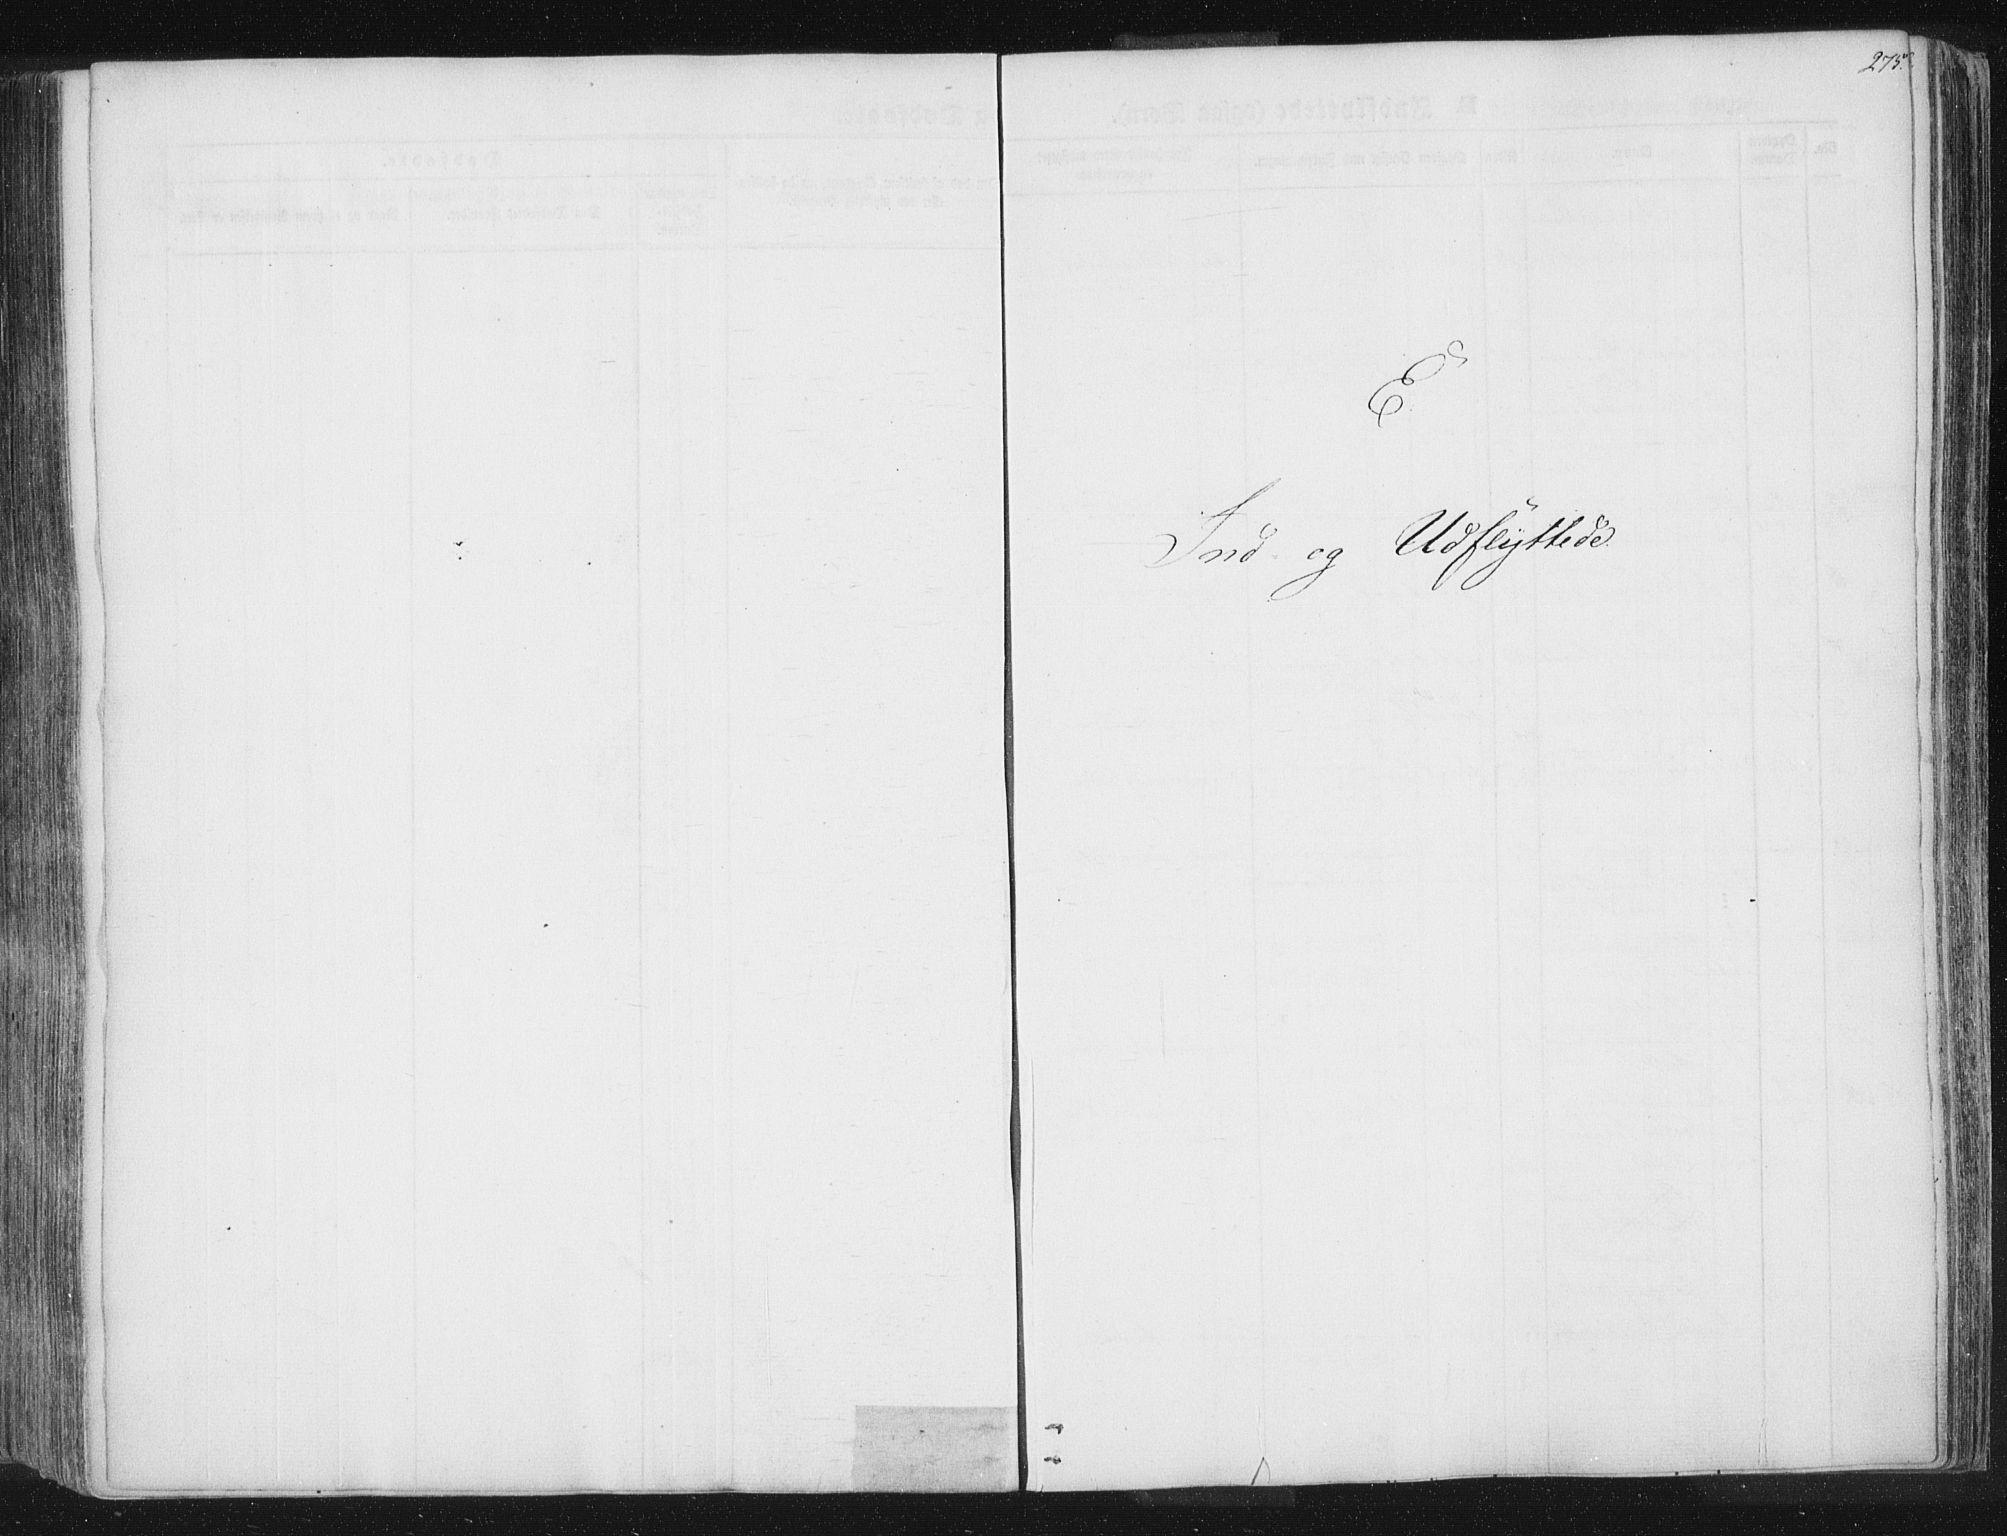 SAT, Ministerialprotokoller, klokkerbøker og fødselsregistre - Nord-Trøndelag, 741/L0392: Ministerialbok nr. 741A06, 1836-1848, s. 275